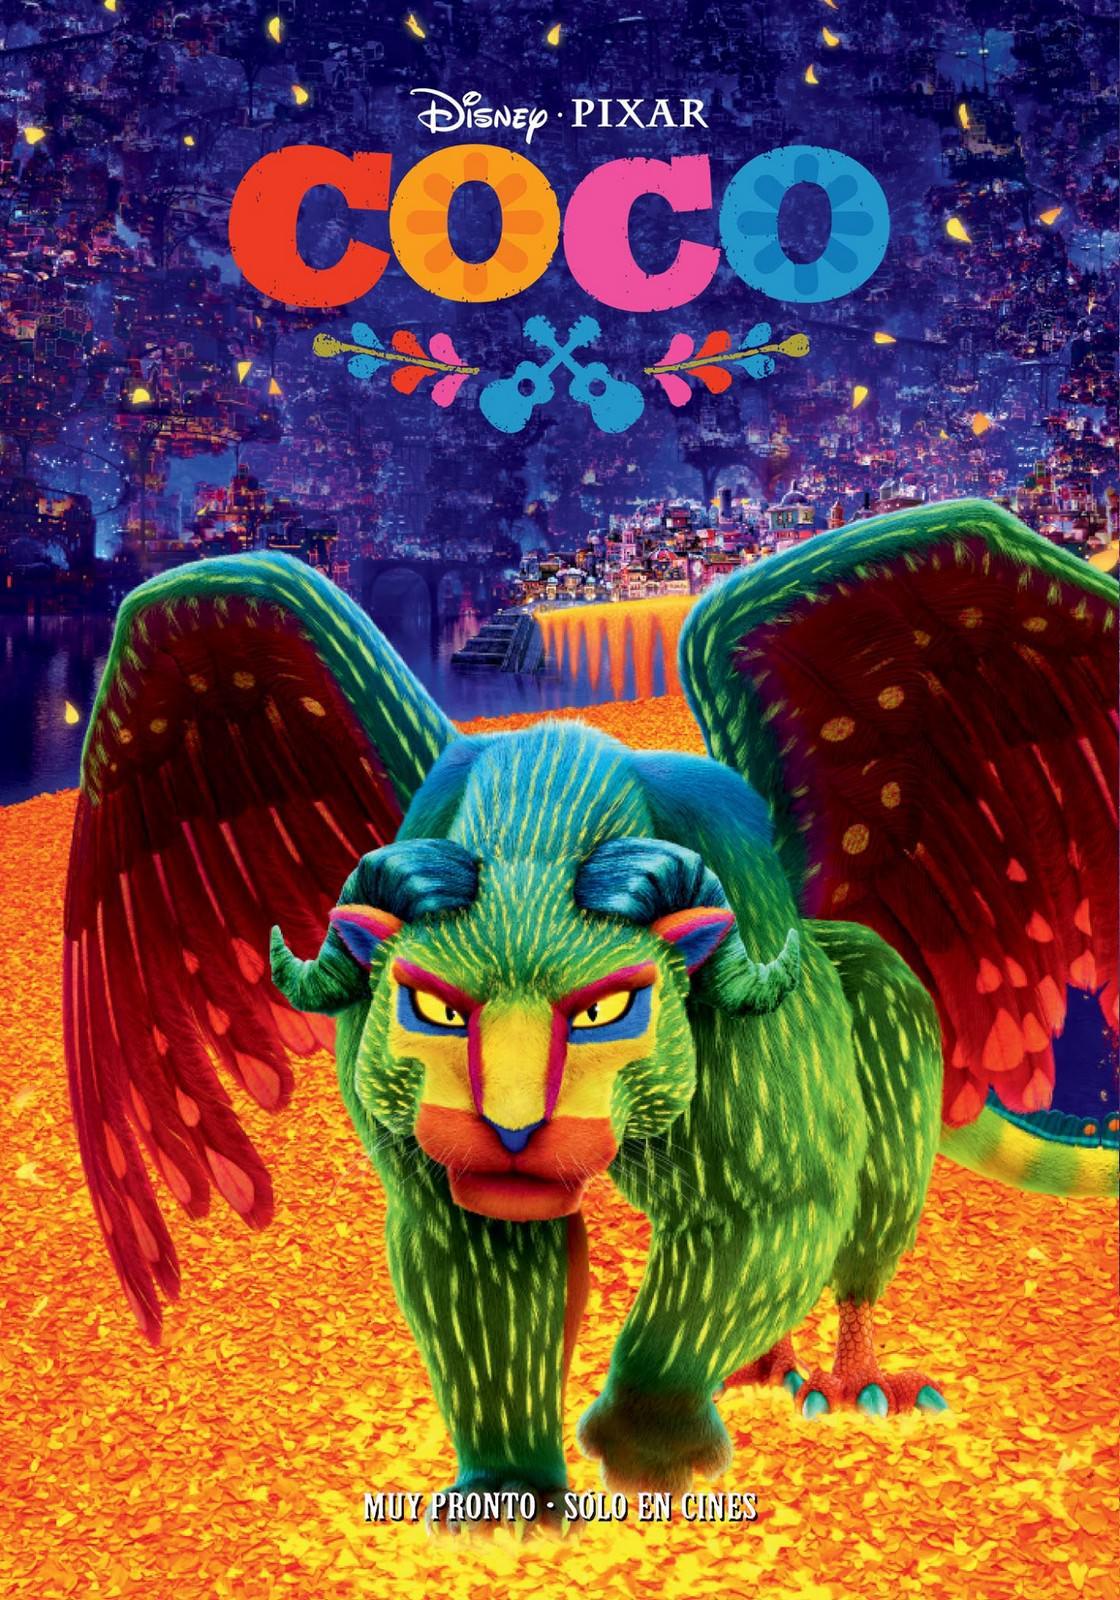 Movie, Coco(美國, 2017年) / 可可夜總會(台灣) / 寻梦环游记(中國) / 玩轉極樂園(香港), 電影海報, 墨西哥, 角色